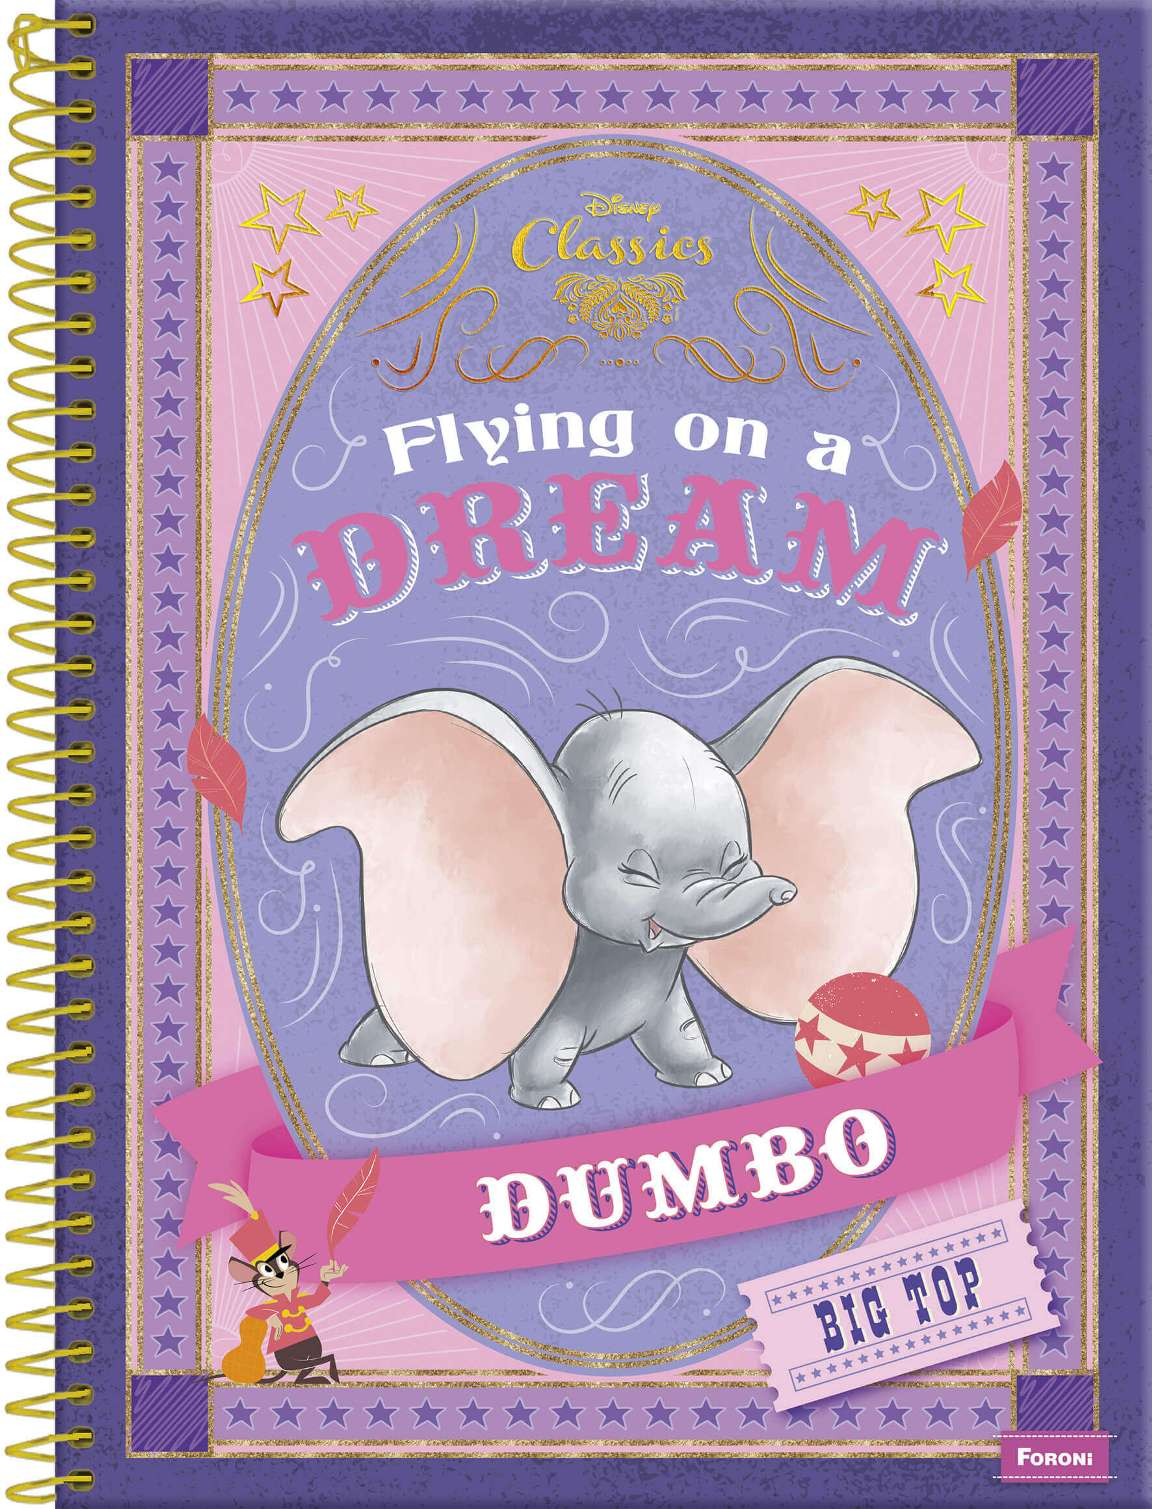 O encantador elefante Dumbo, que retorna aos cinemas nesta semana, é destaque na linha Disney Classics 2019 da Foroni!